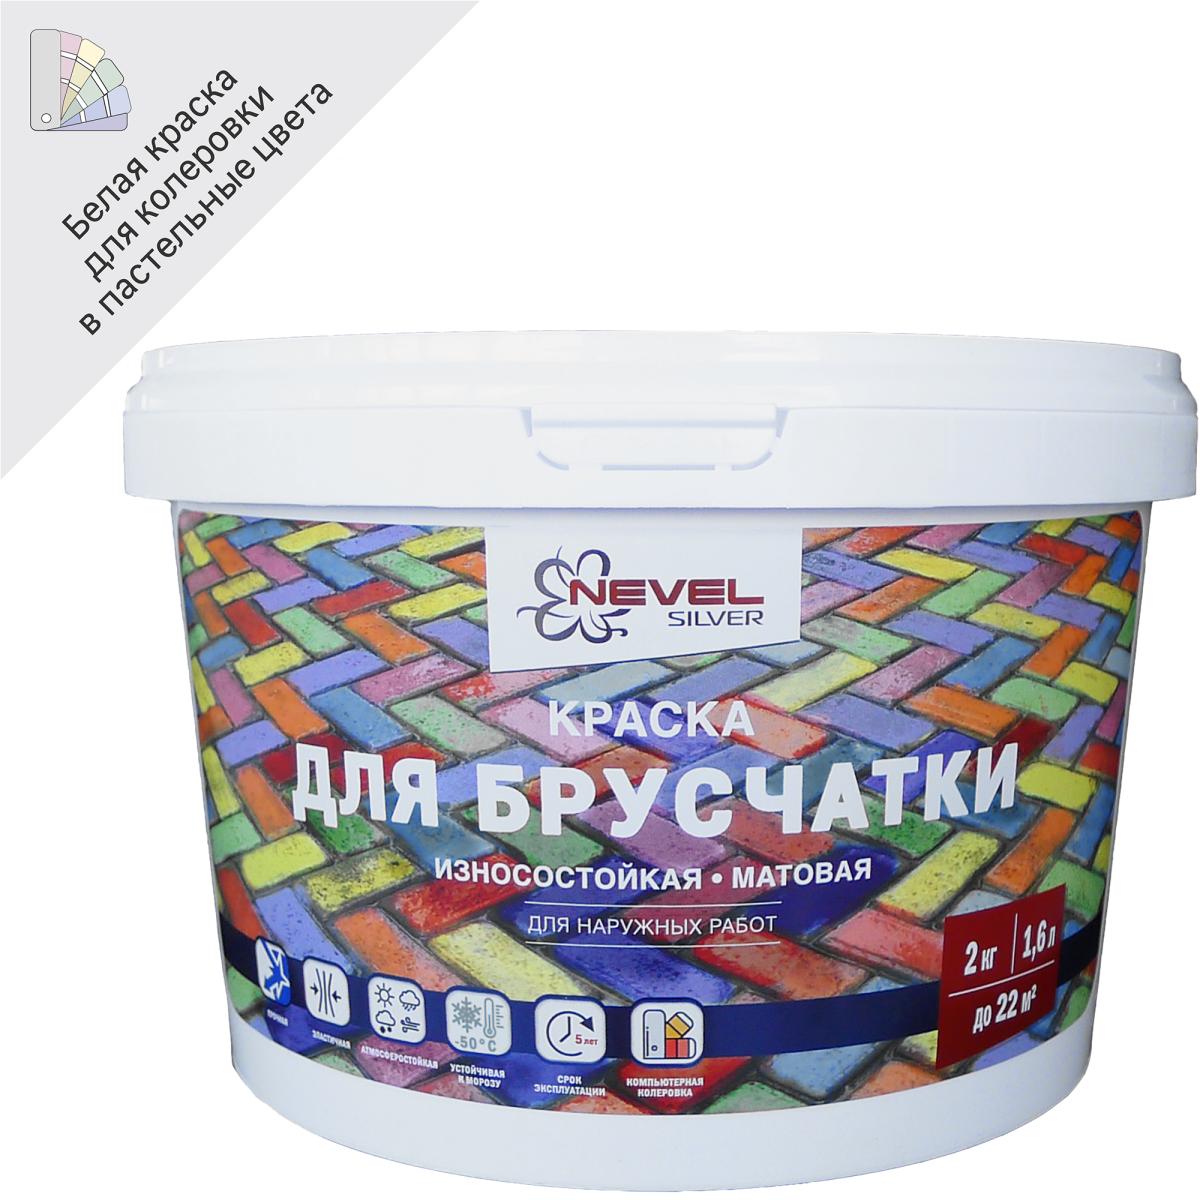 Краска для брусчатки Nevel 2 кг цвет белый